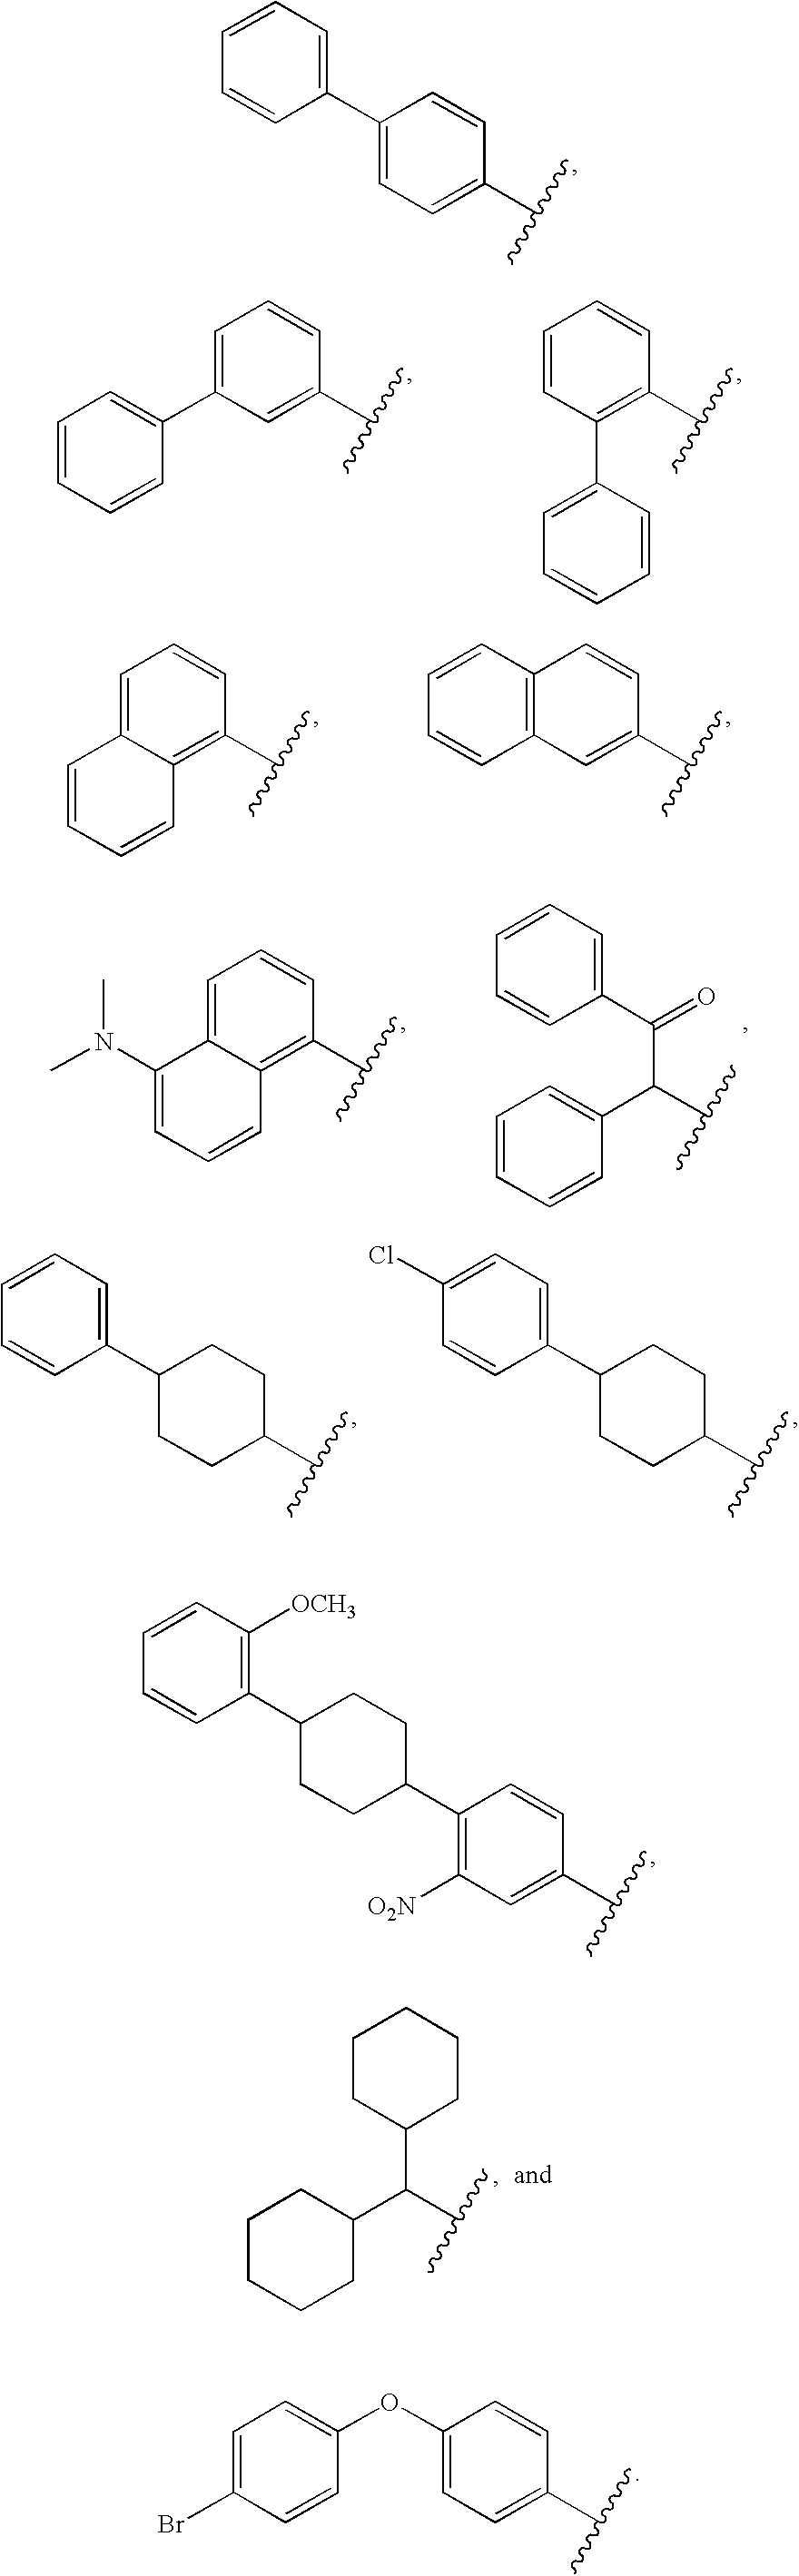 Figure US07910622-20110322-C00014